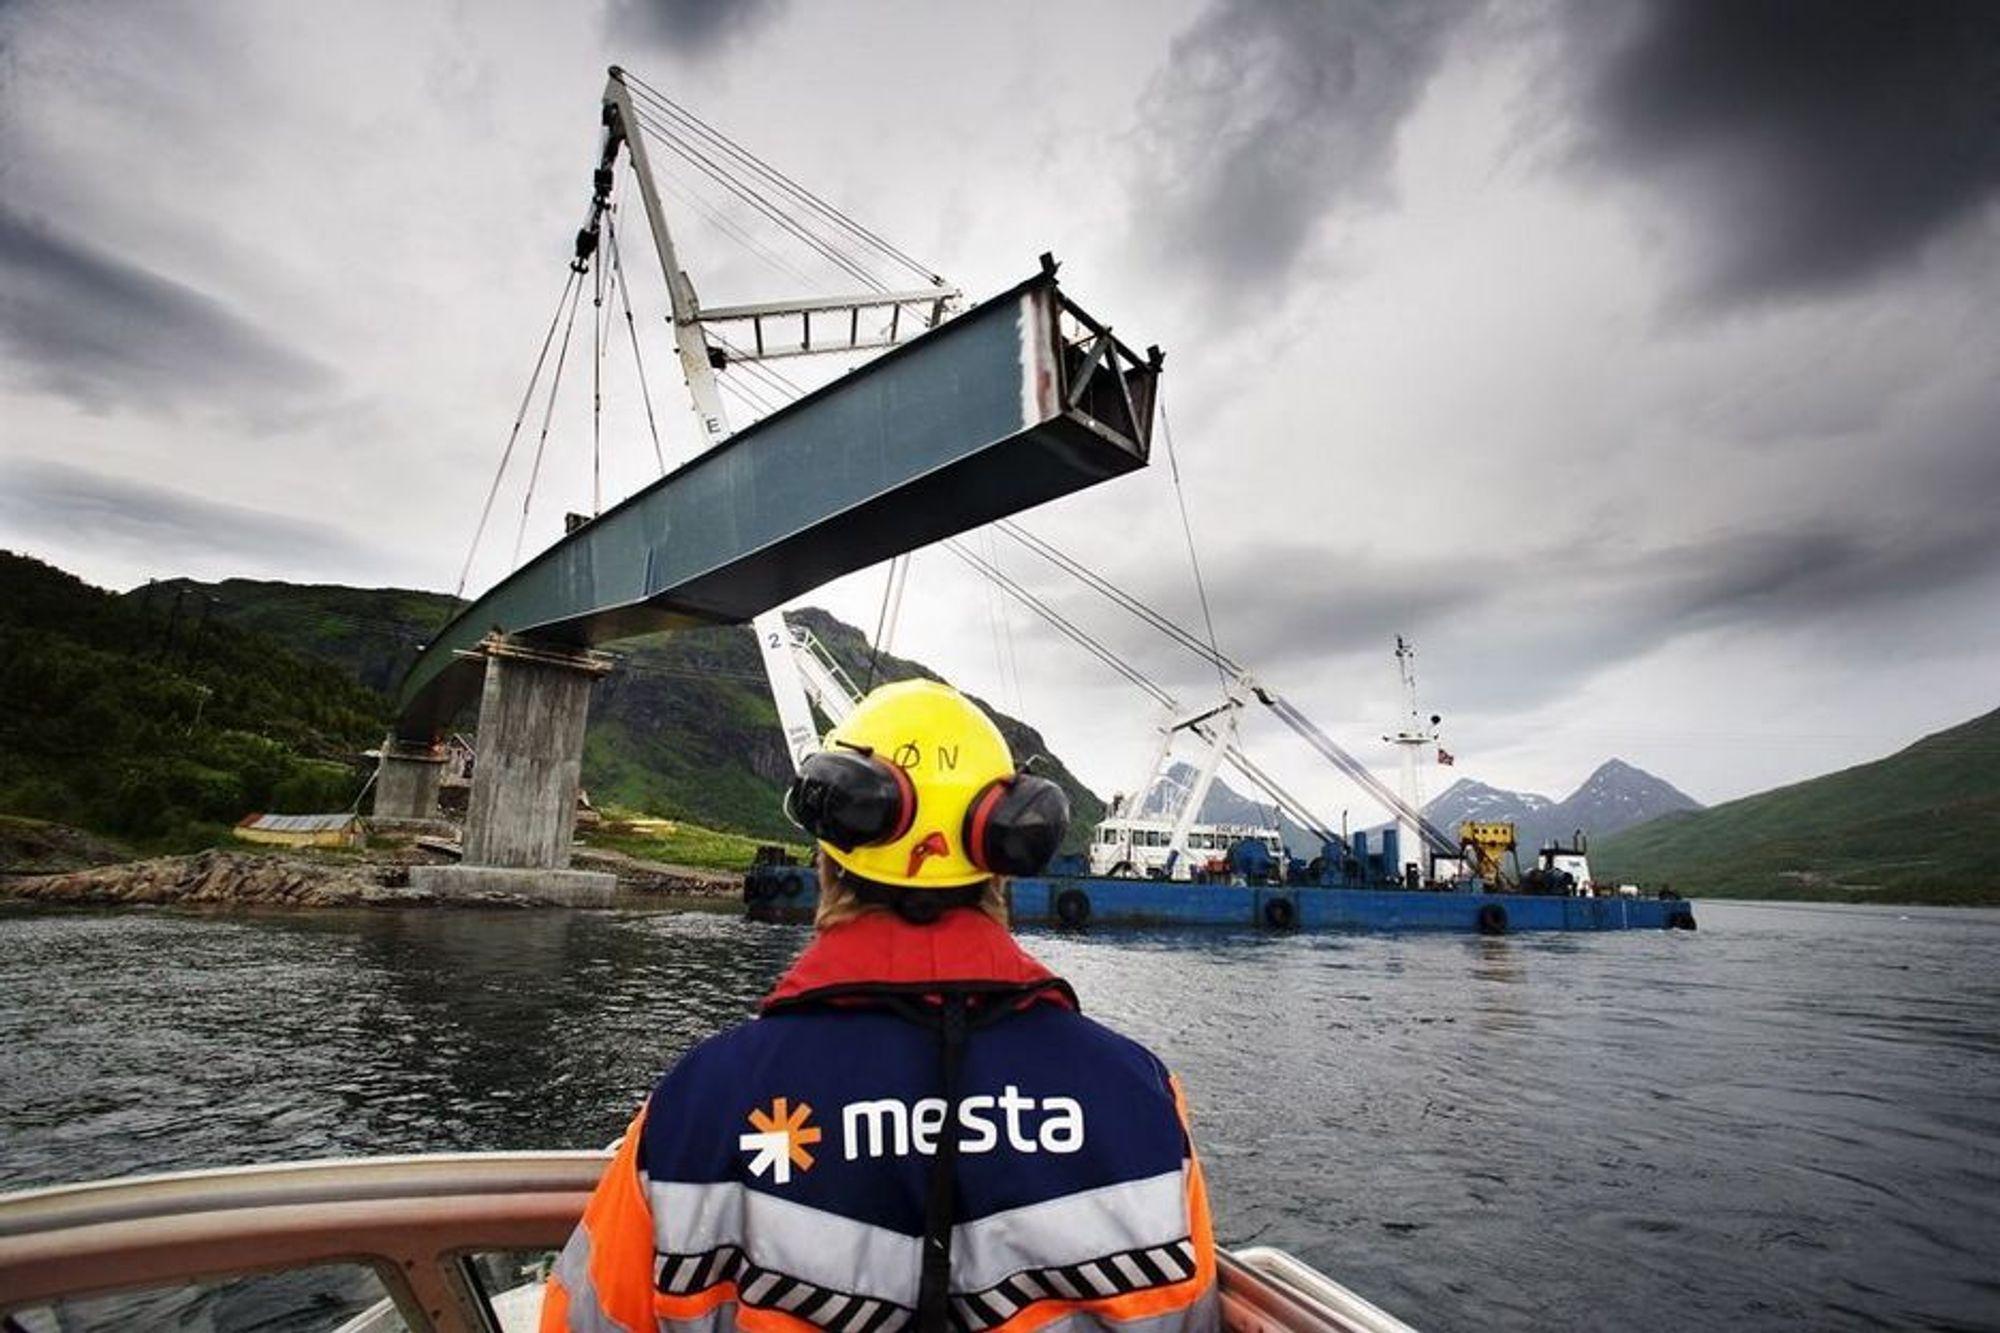 MER UTBYGGING: Mesta drifter i dag halve vei-Norge. Med flere utbyggingskroner fra Regjeringen ser det lyst ut for nye utbyggingsprosjekter for mesta og deres konkurrenter.